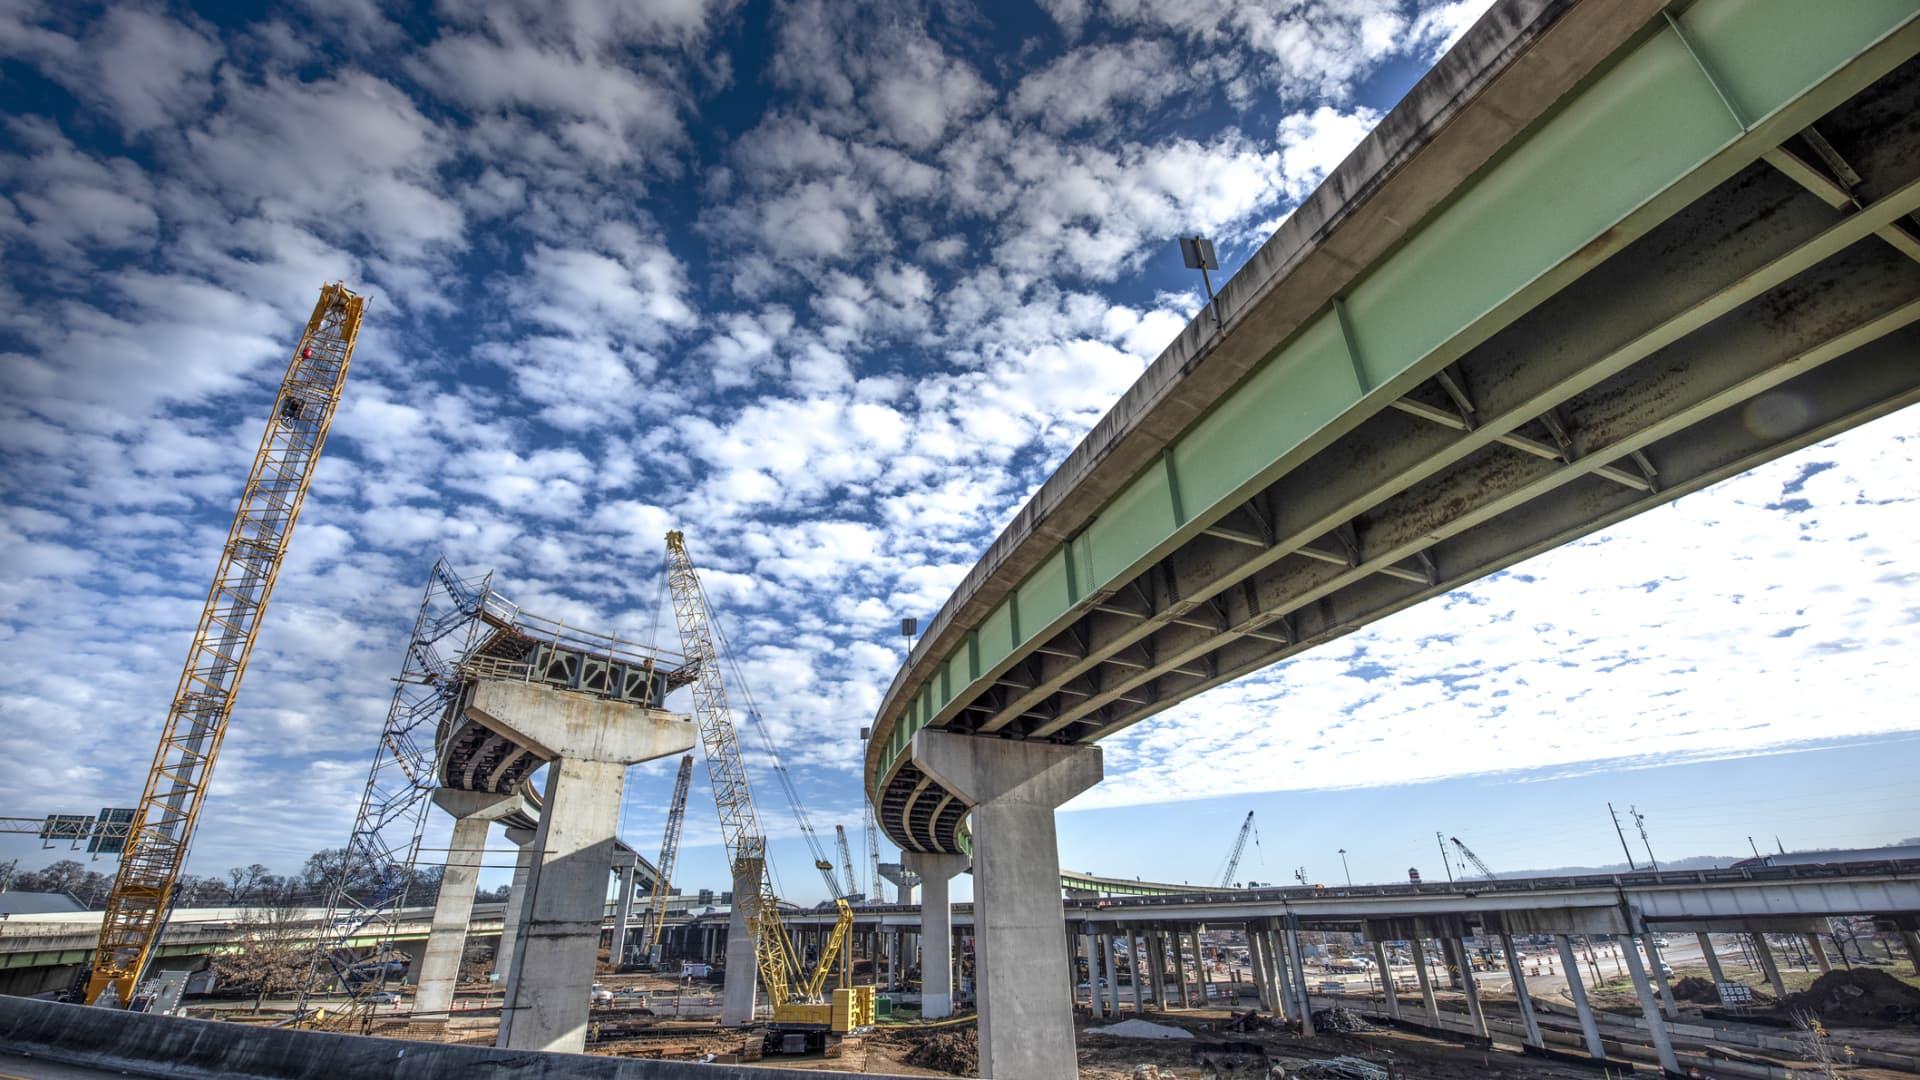 A new interstate highway under construction in Birmingham, Alabama.